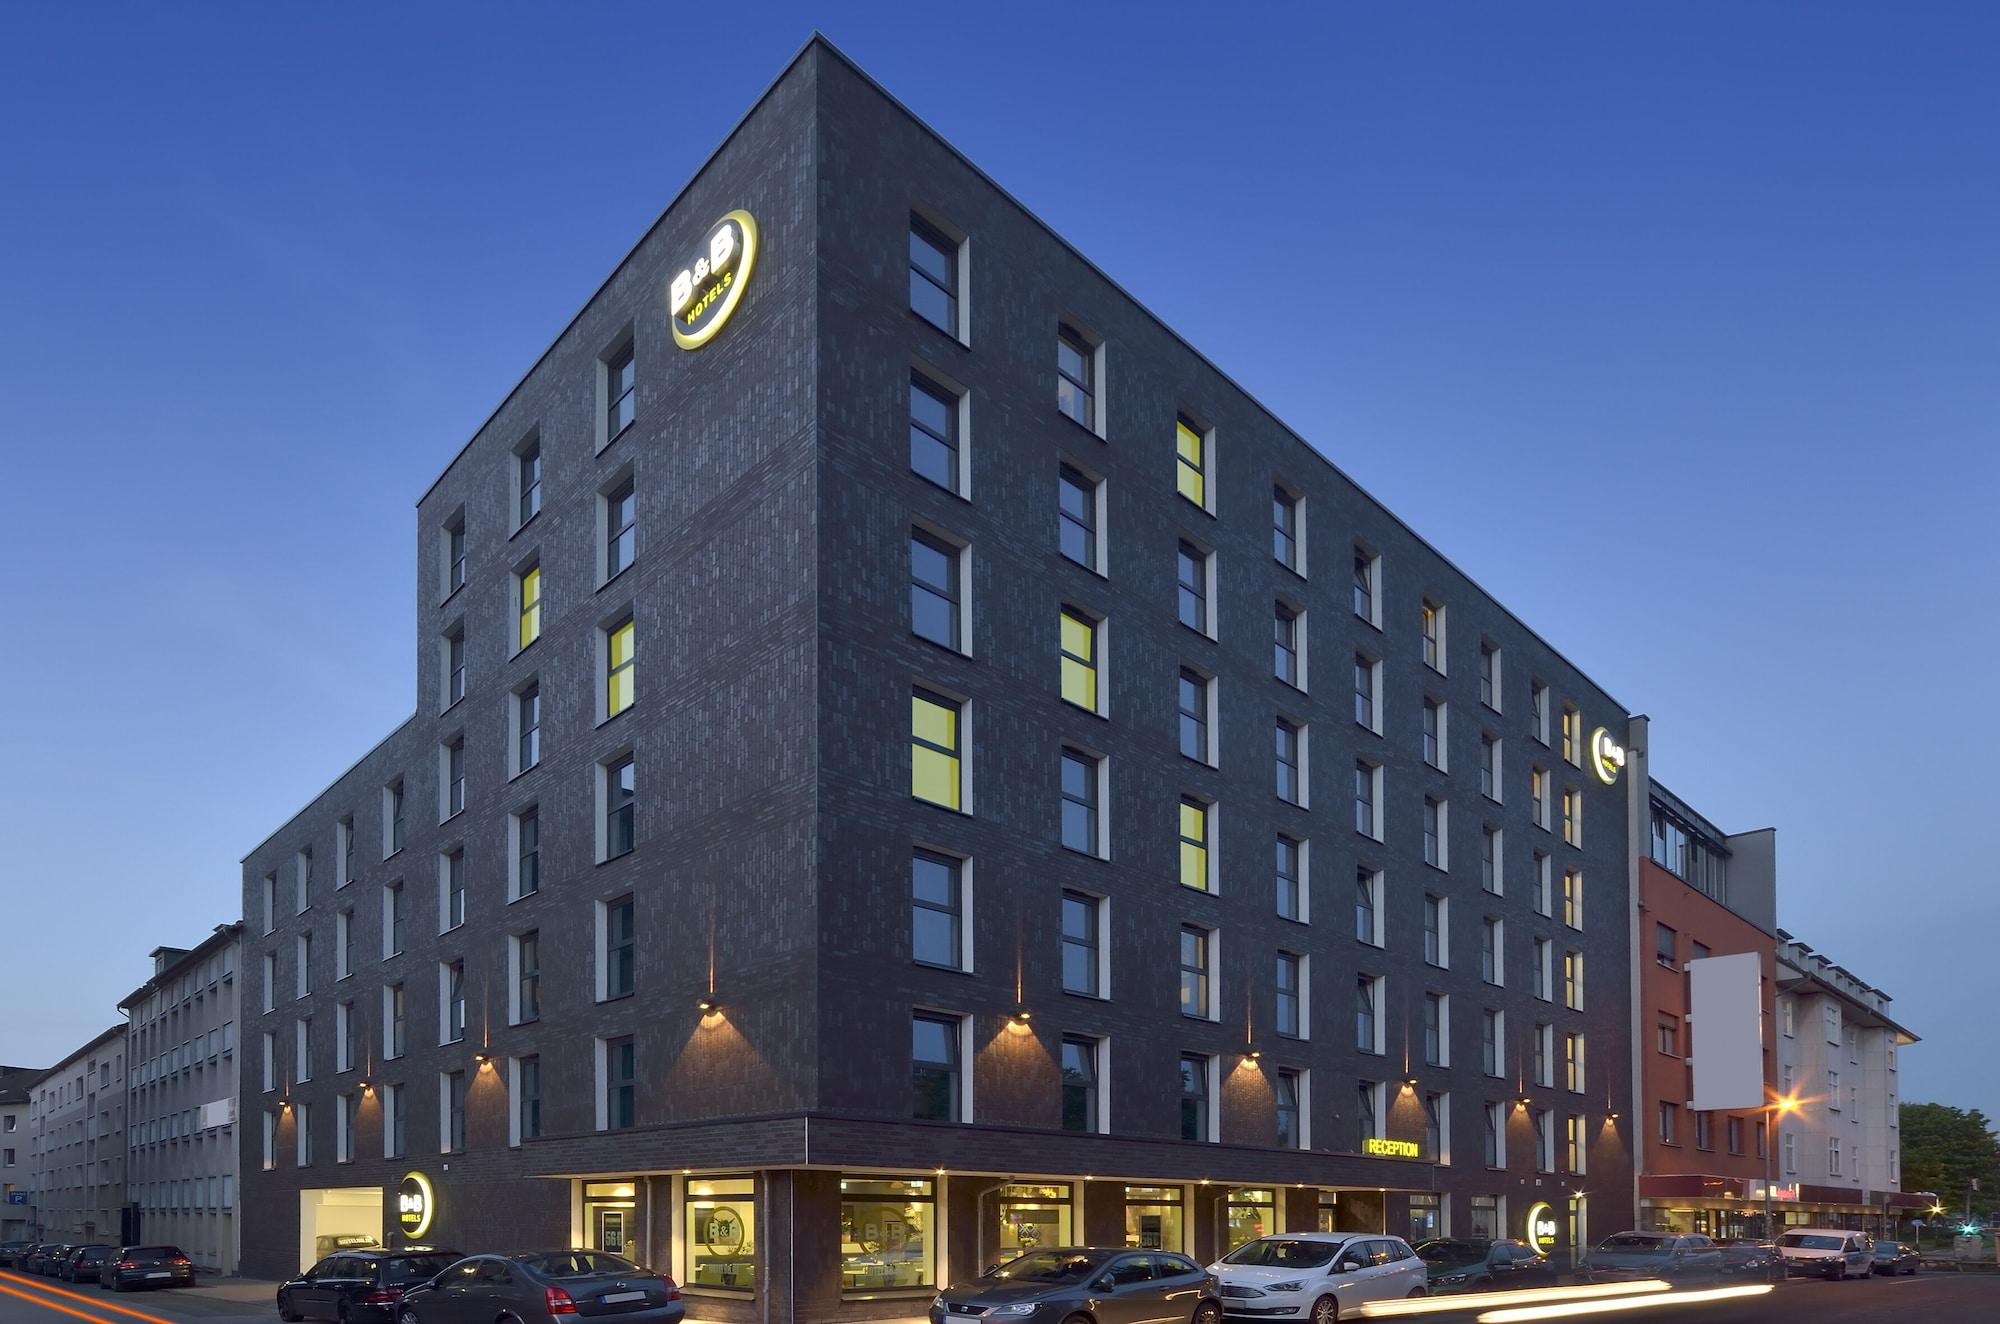 B&B Hotel Dortmund-City, Dortmund